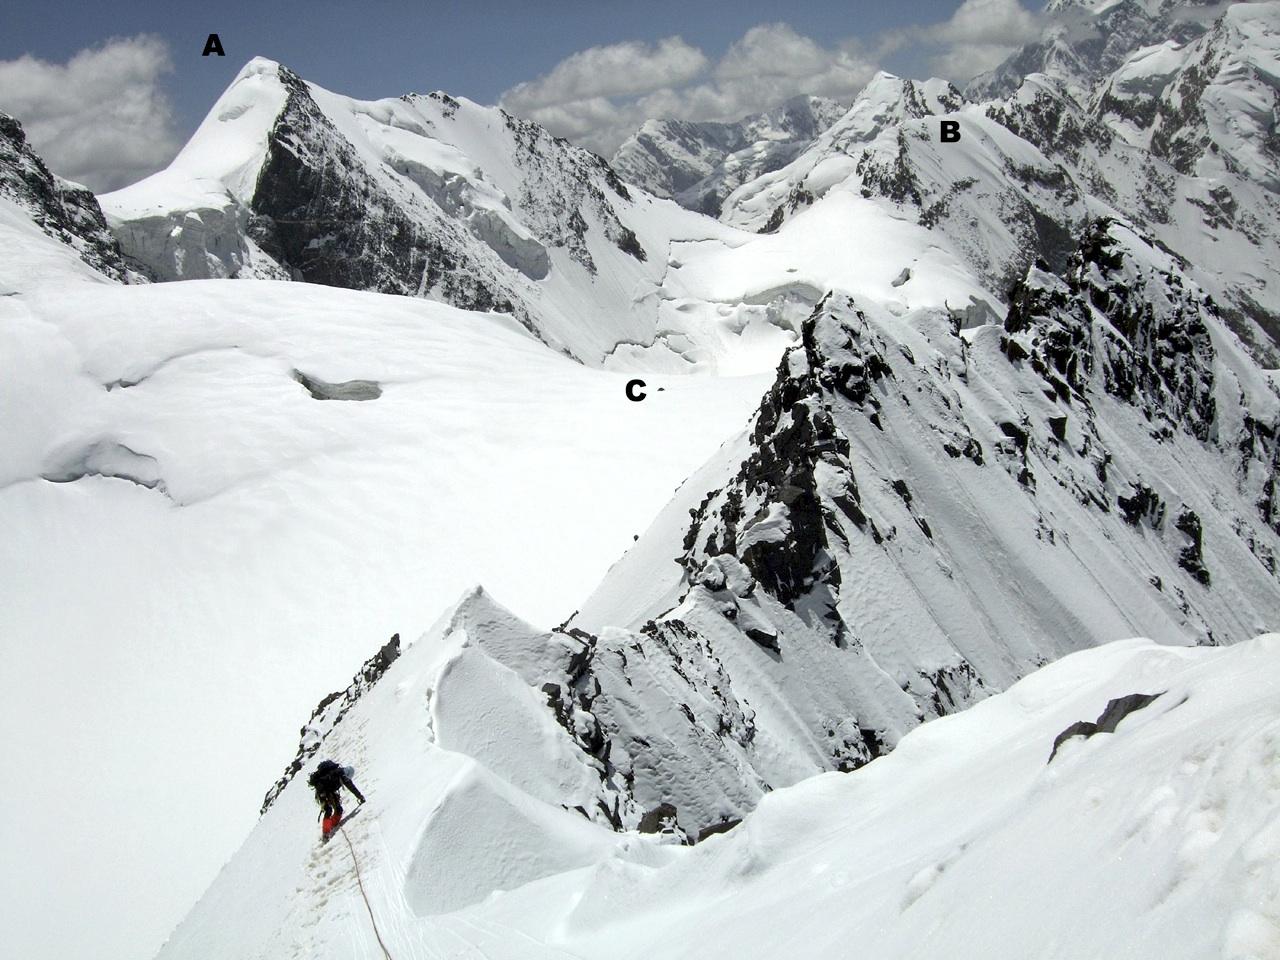 Klaudiusz Duda on south ridge of M3. (A) M4a. (B) M5. (C) Camp 3 on Palane Safad. Snow slopes left of 3 rise toward west-northwest ridge of Koh-e-Nadir Sah.